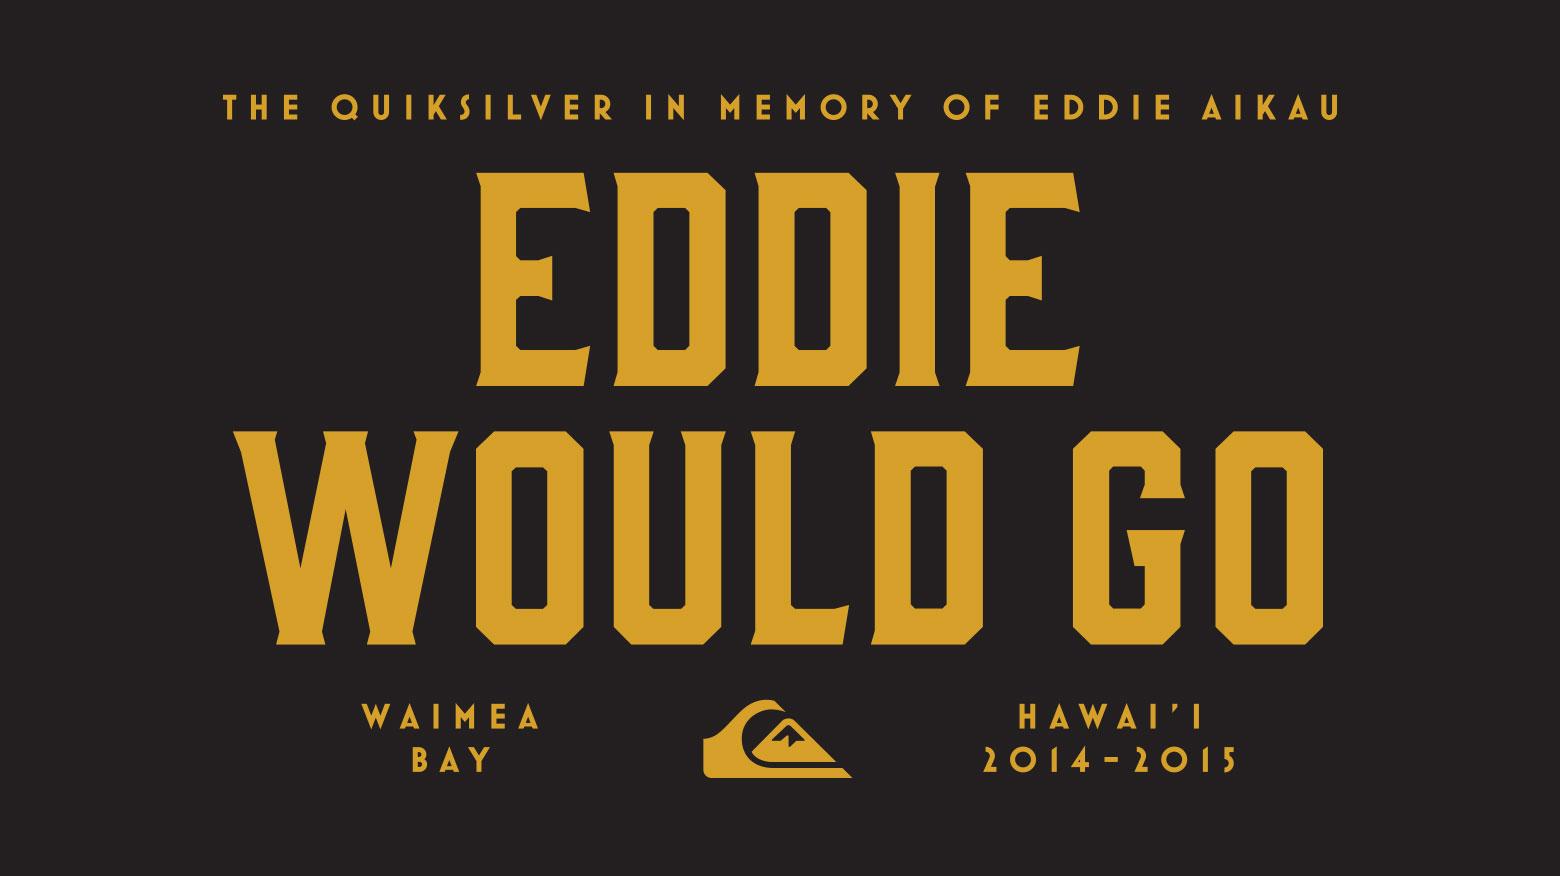 eddie aikau essay contest 2010